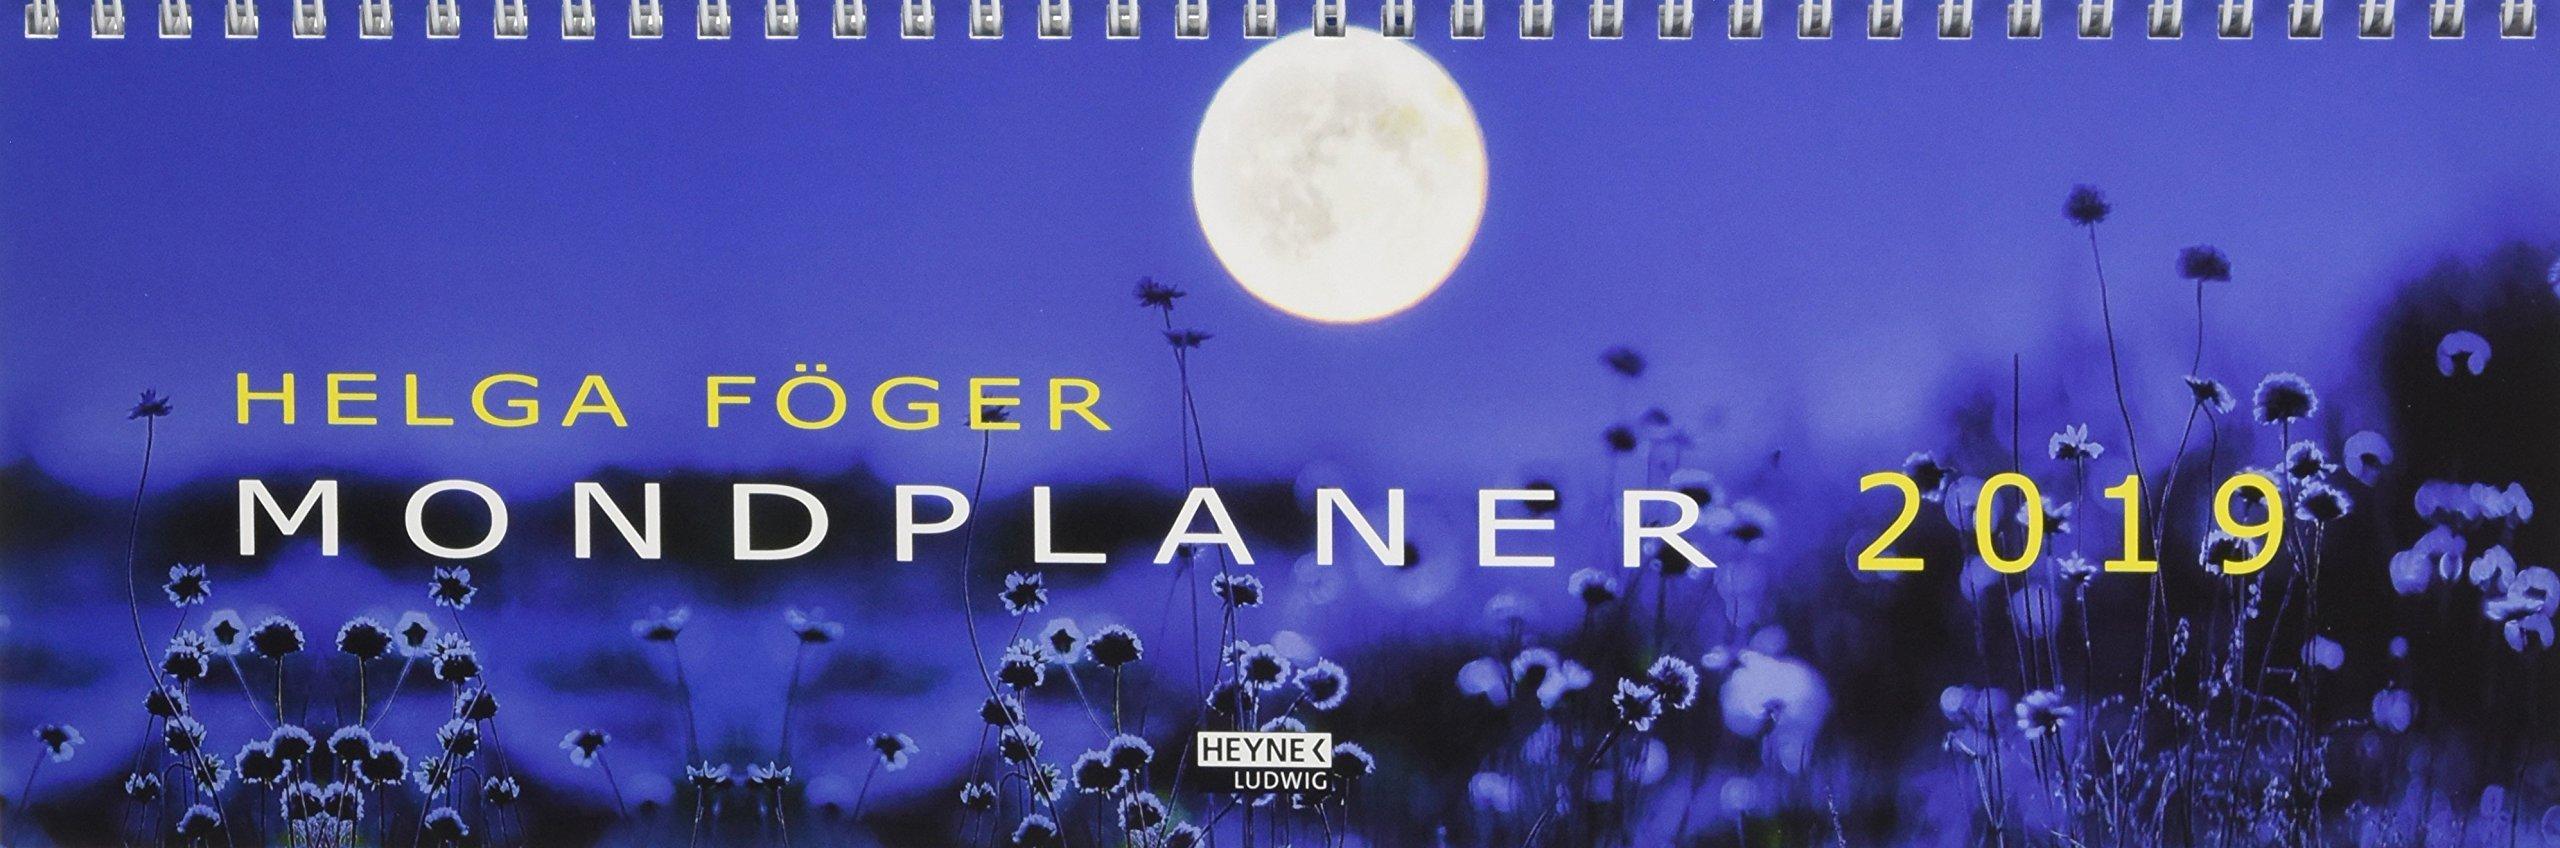 Mondplaner 2019: Tischplaner Spiralbindung – 4. Juni 2018 Helga Föger Ludwig bei Heyne 3453238443 Aufstellkalender